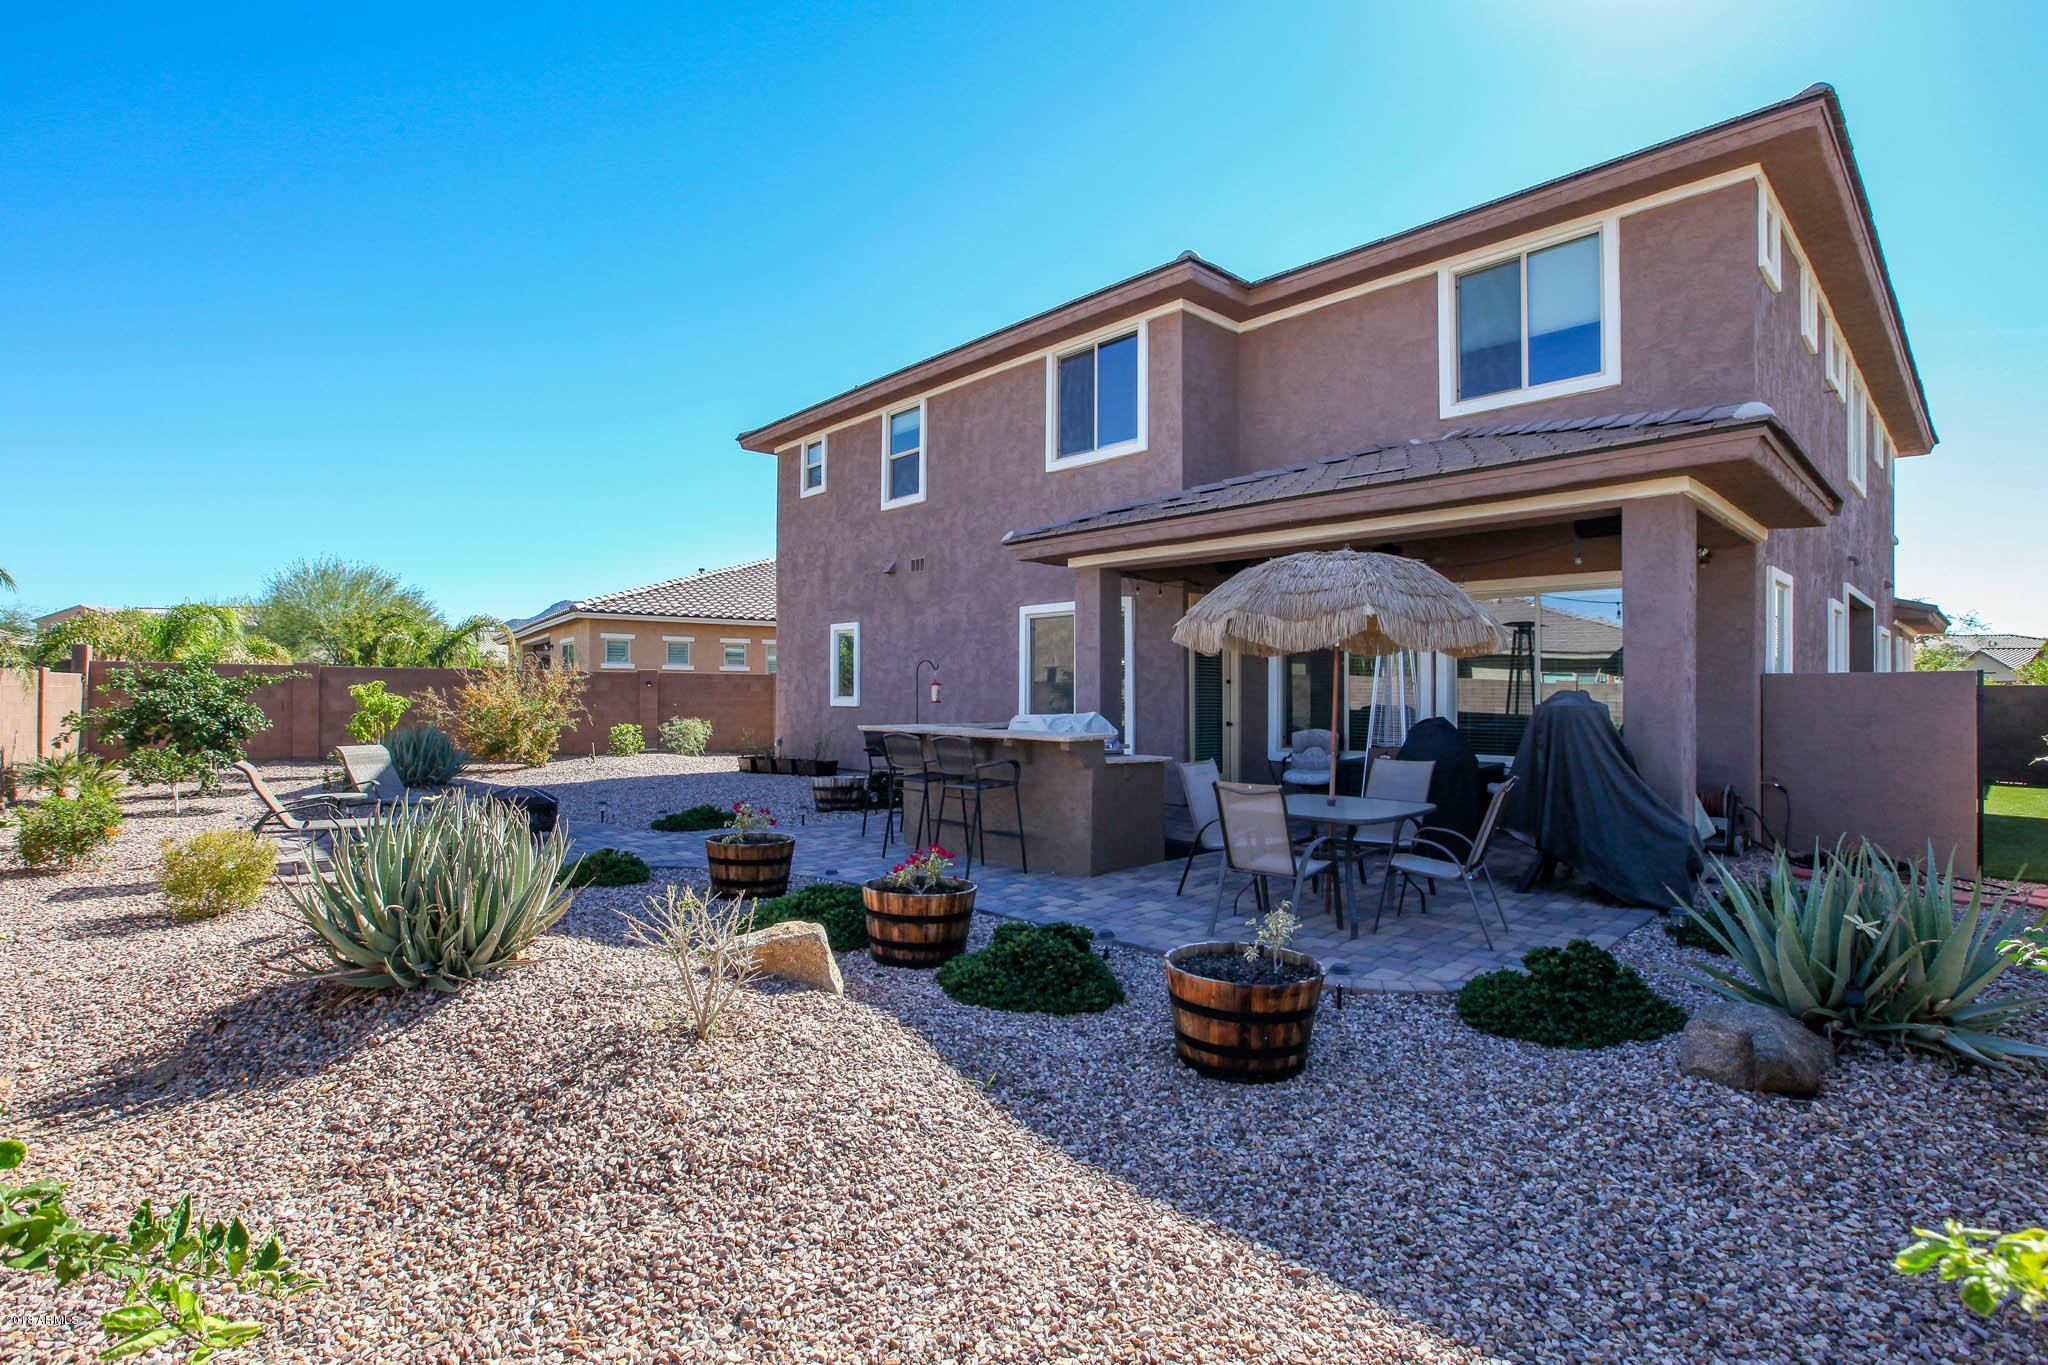 MLS 5844803 2514 E LINDRICK Drive, Gilbert, AZ 85298 Gilbert AZ Adora Trails